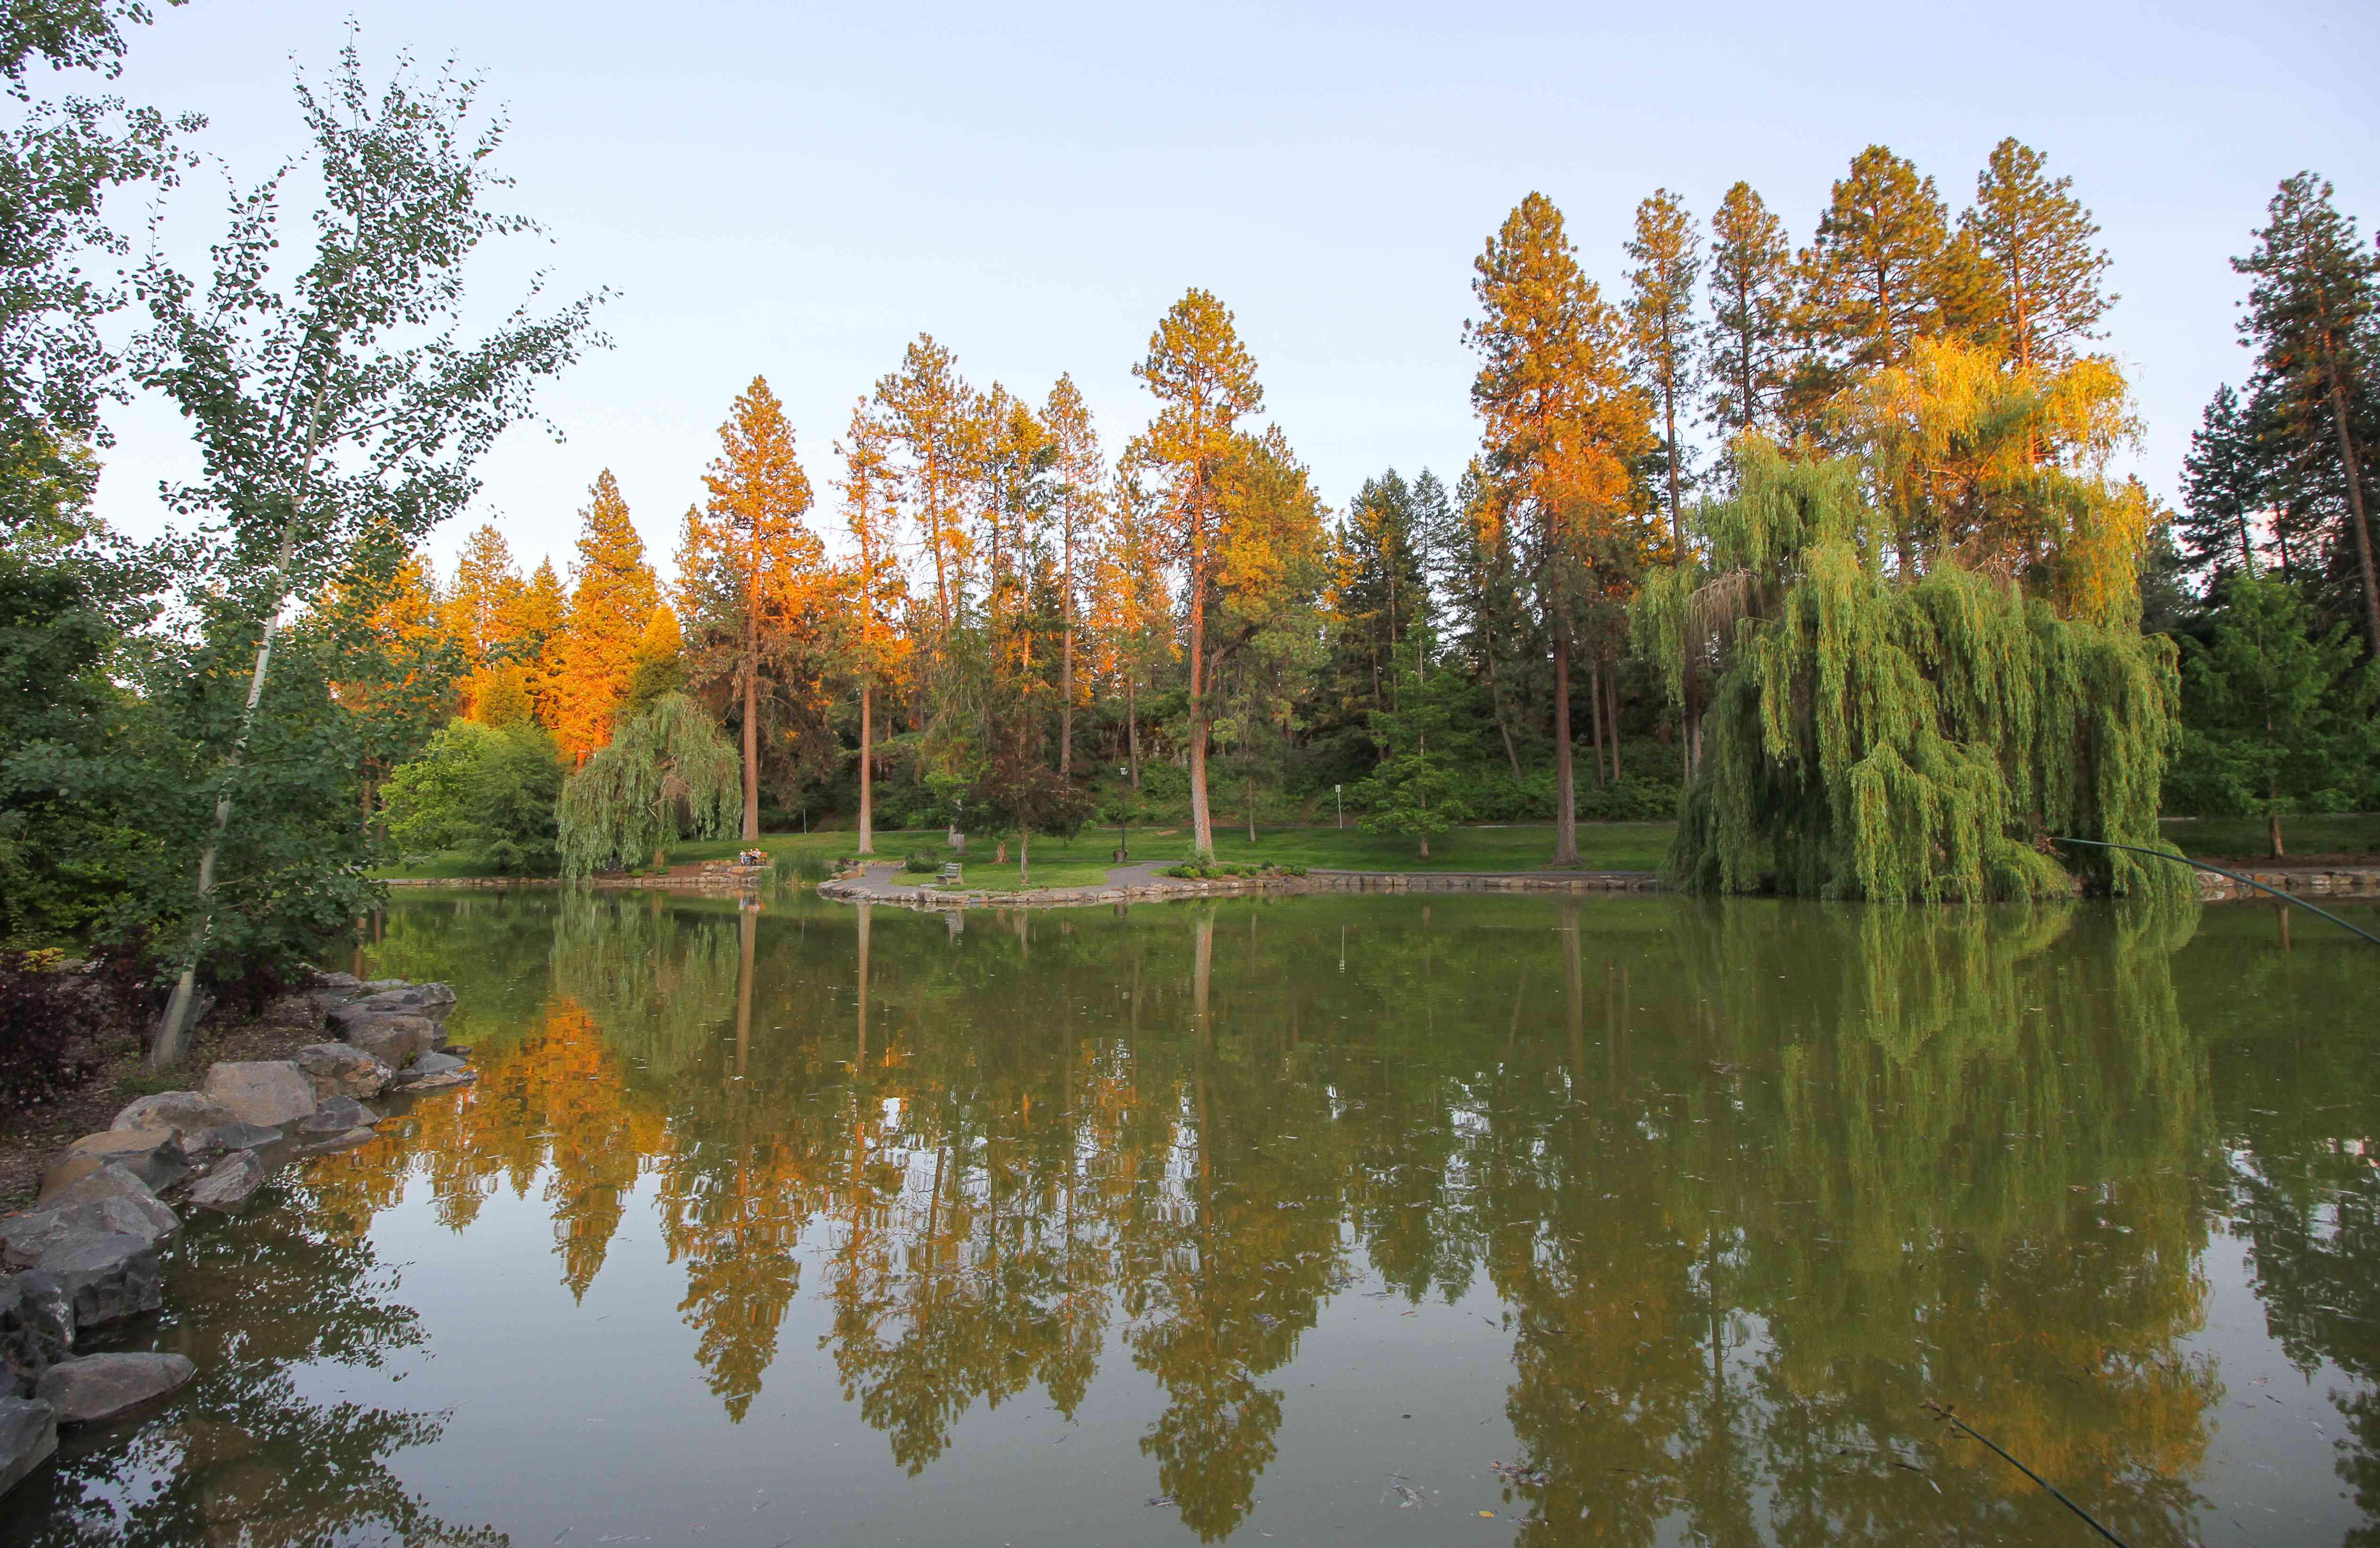 Árboles con hojas de varios colores en el Parque Manito